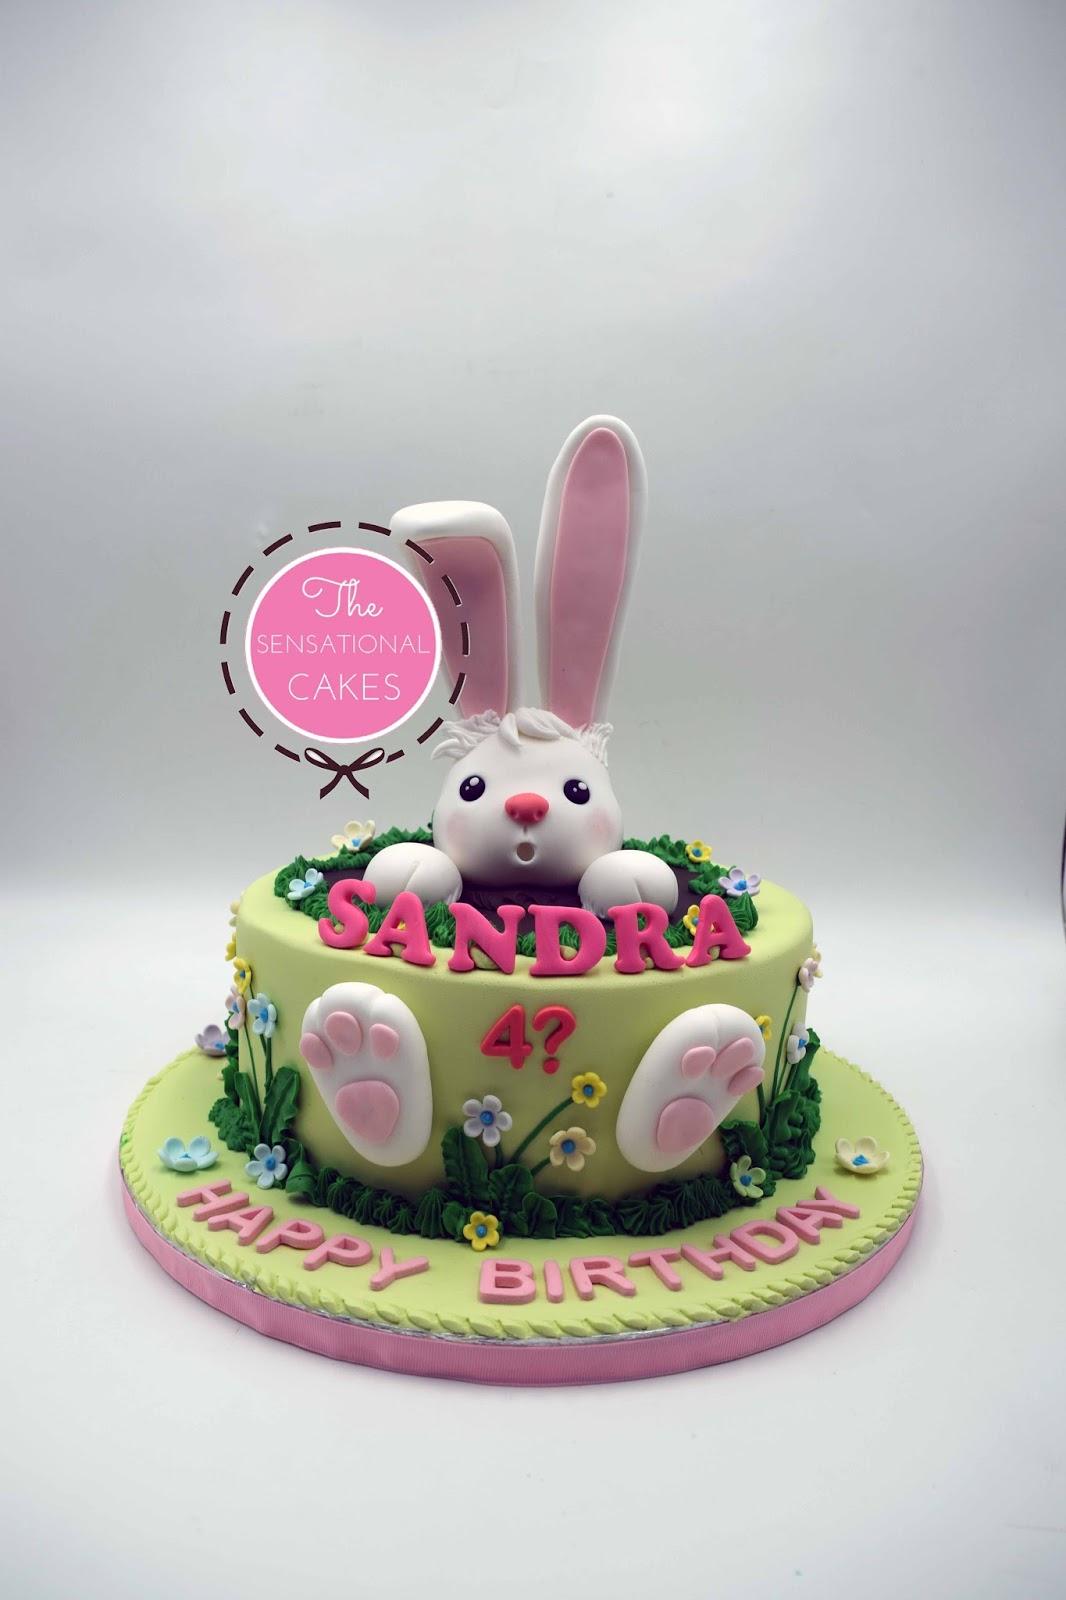 The Sensational Cakes 3D Bunny Cake for Sandra Singapore cute